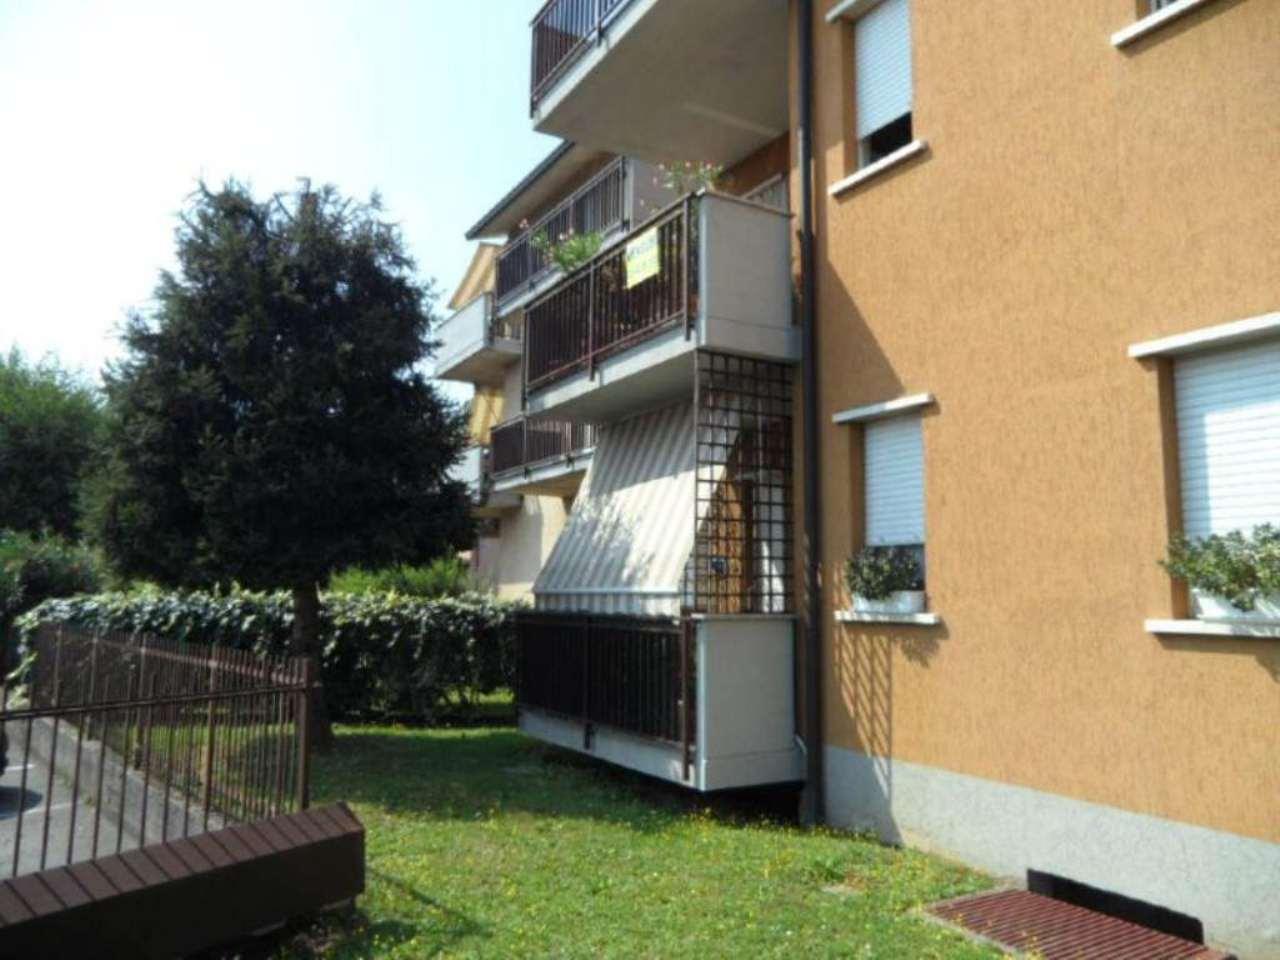 Appartamento in vendita a Grassobbio, 3 locali, prezzo € 108.000 | Cambio Casa.it